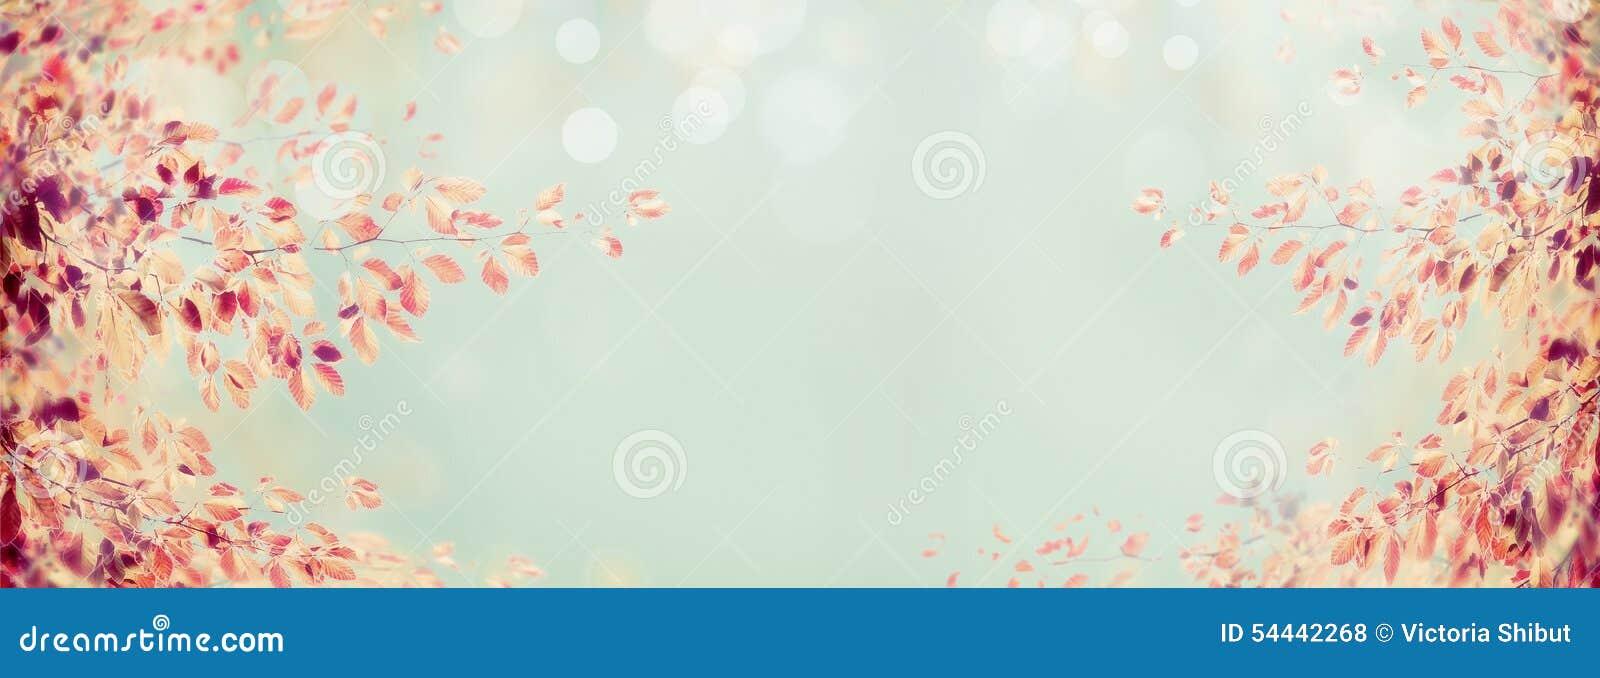 De kleurrijke tak van de de herfstboom met rode bladeren op lichtblauwe bokehachtergrond, banner